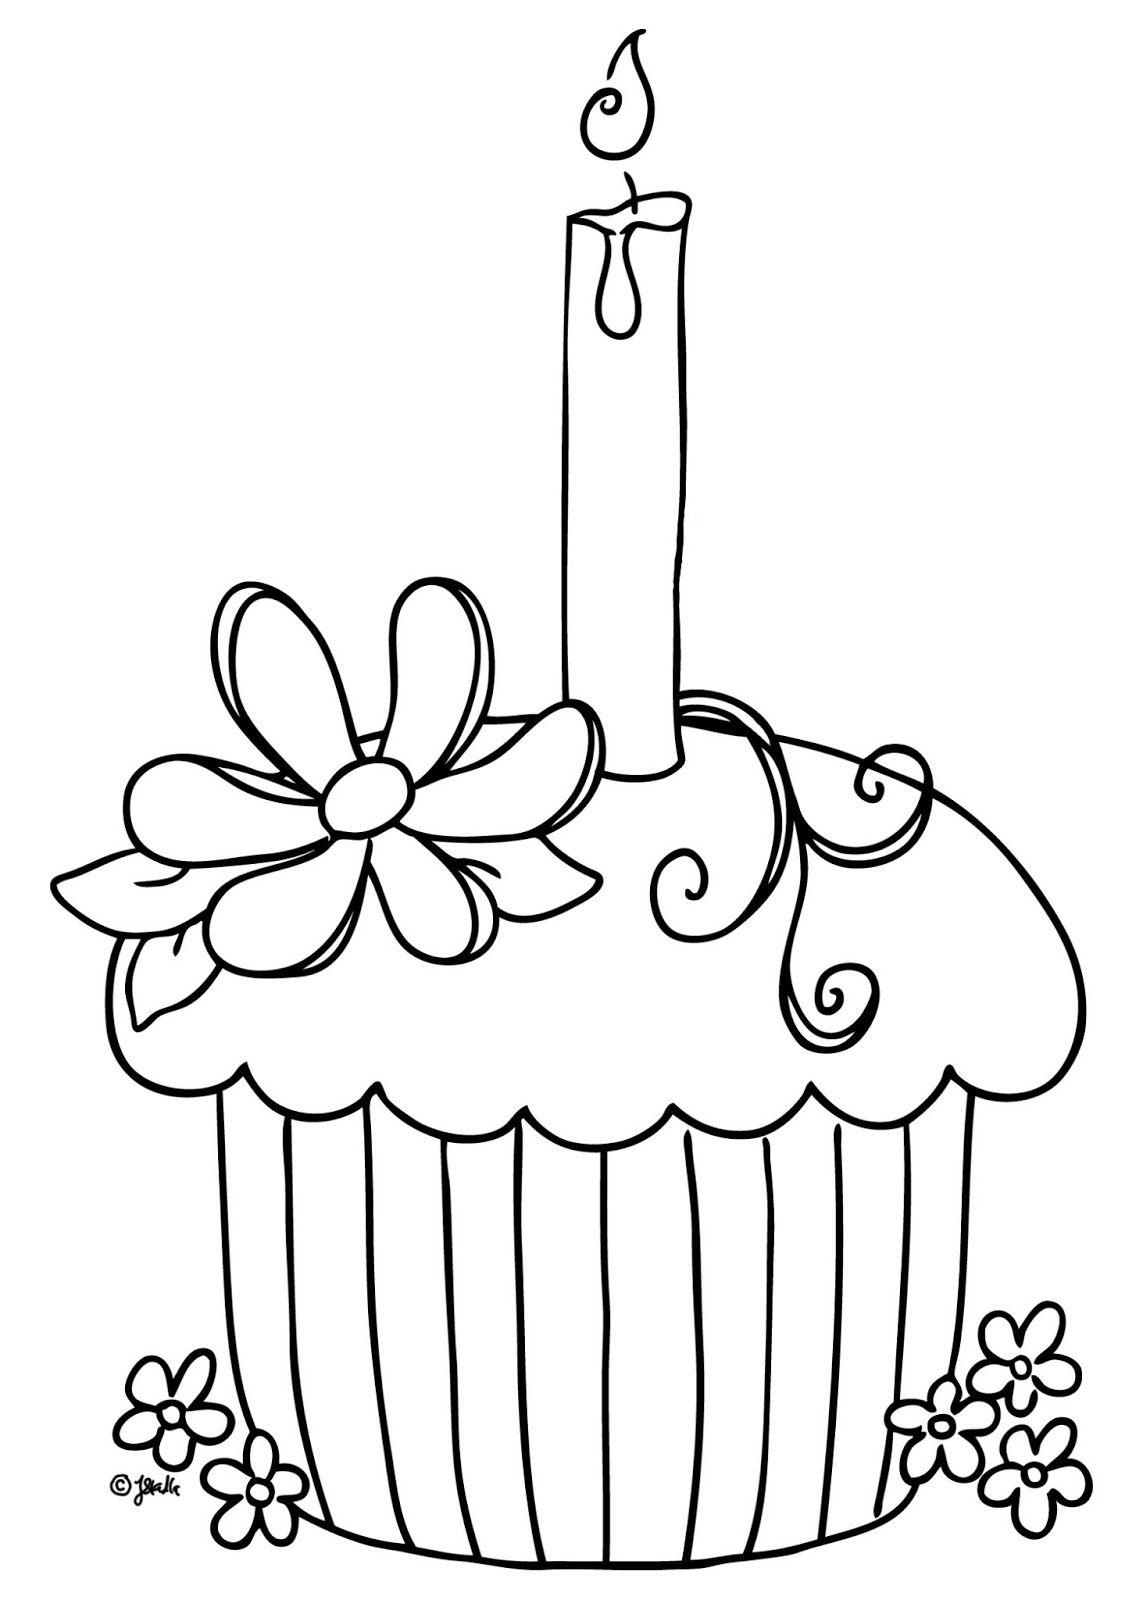 Cupcake раскраски цифровые штампы раскраски и рисунок